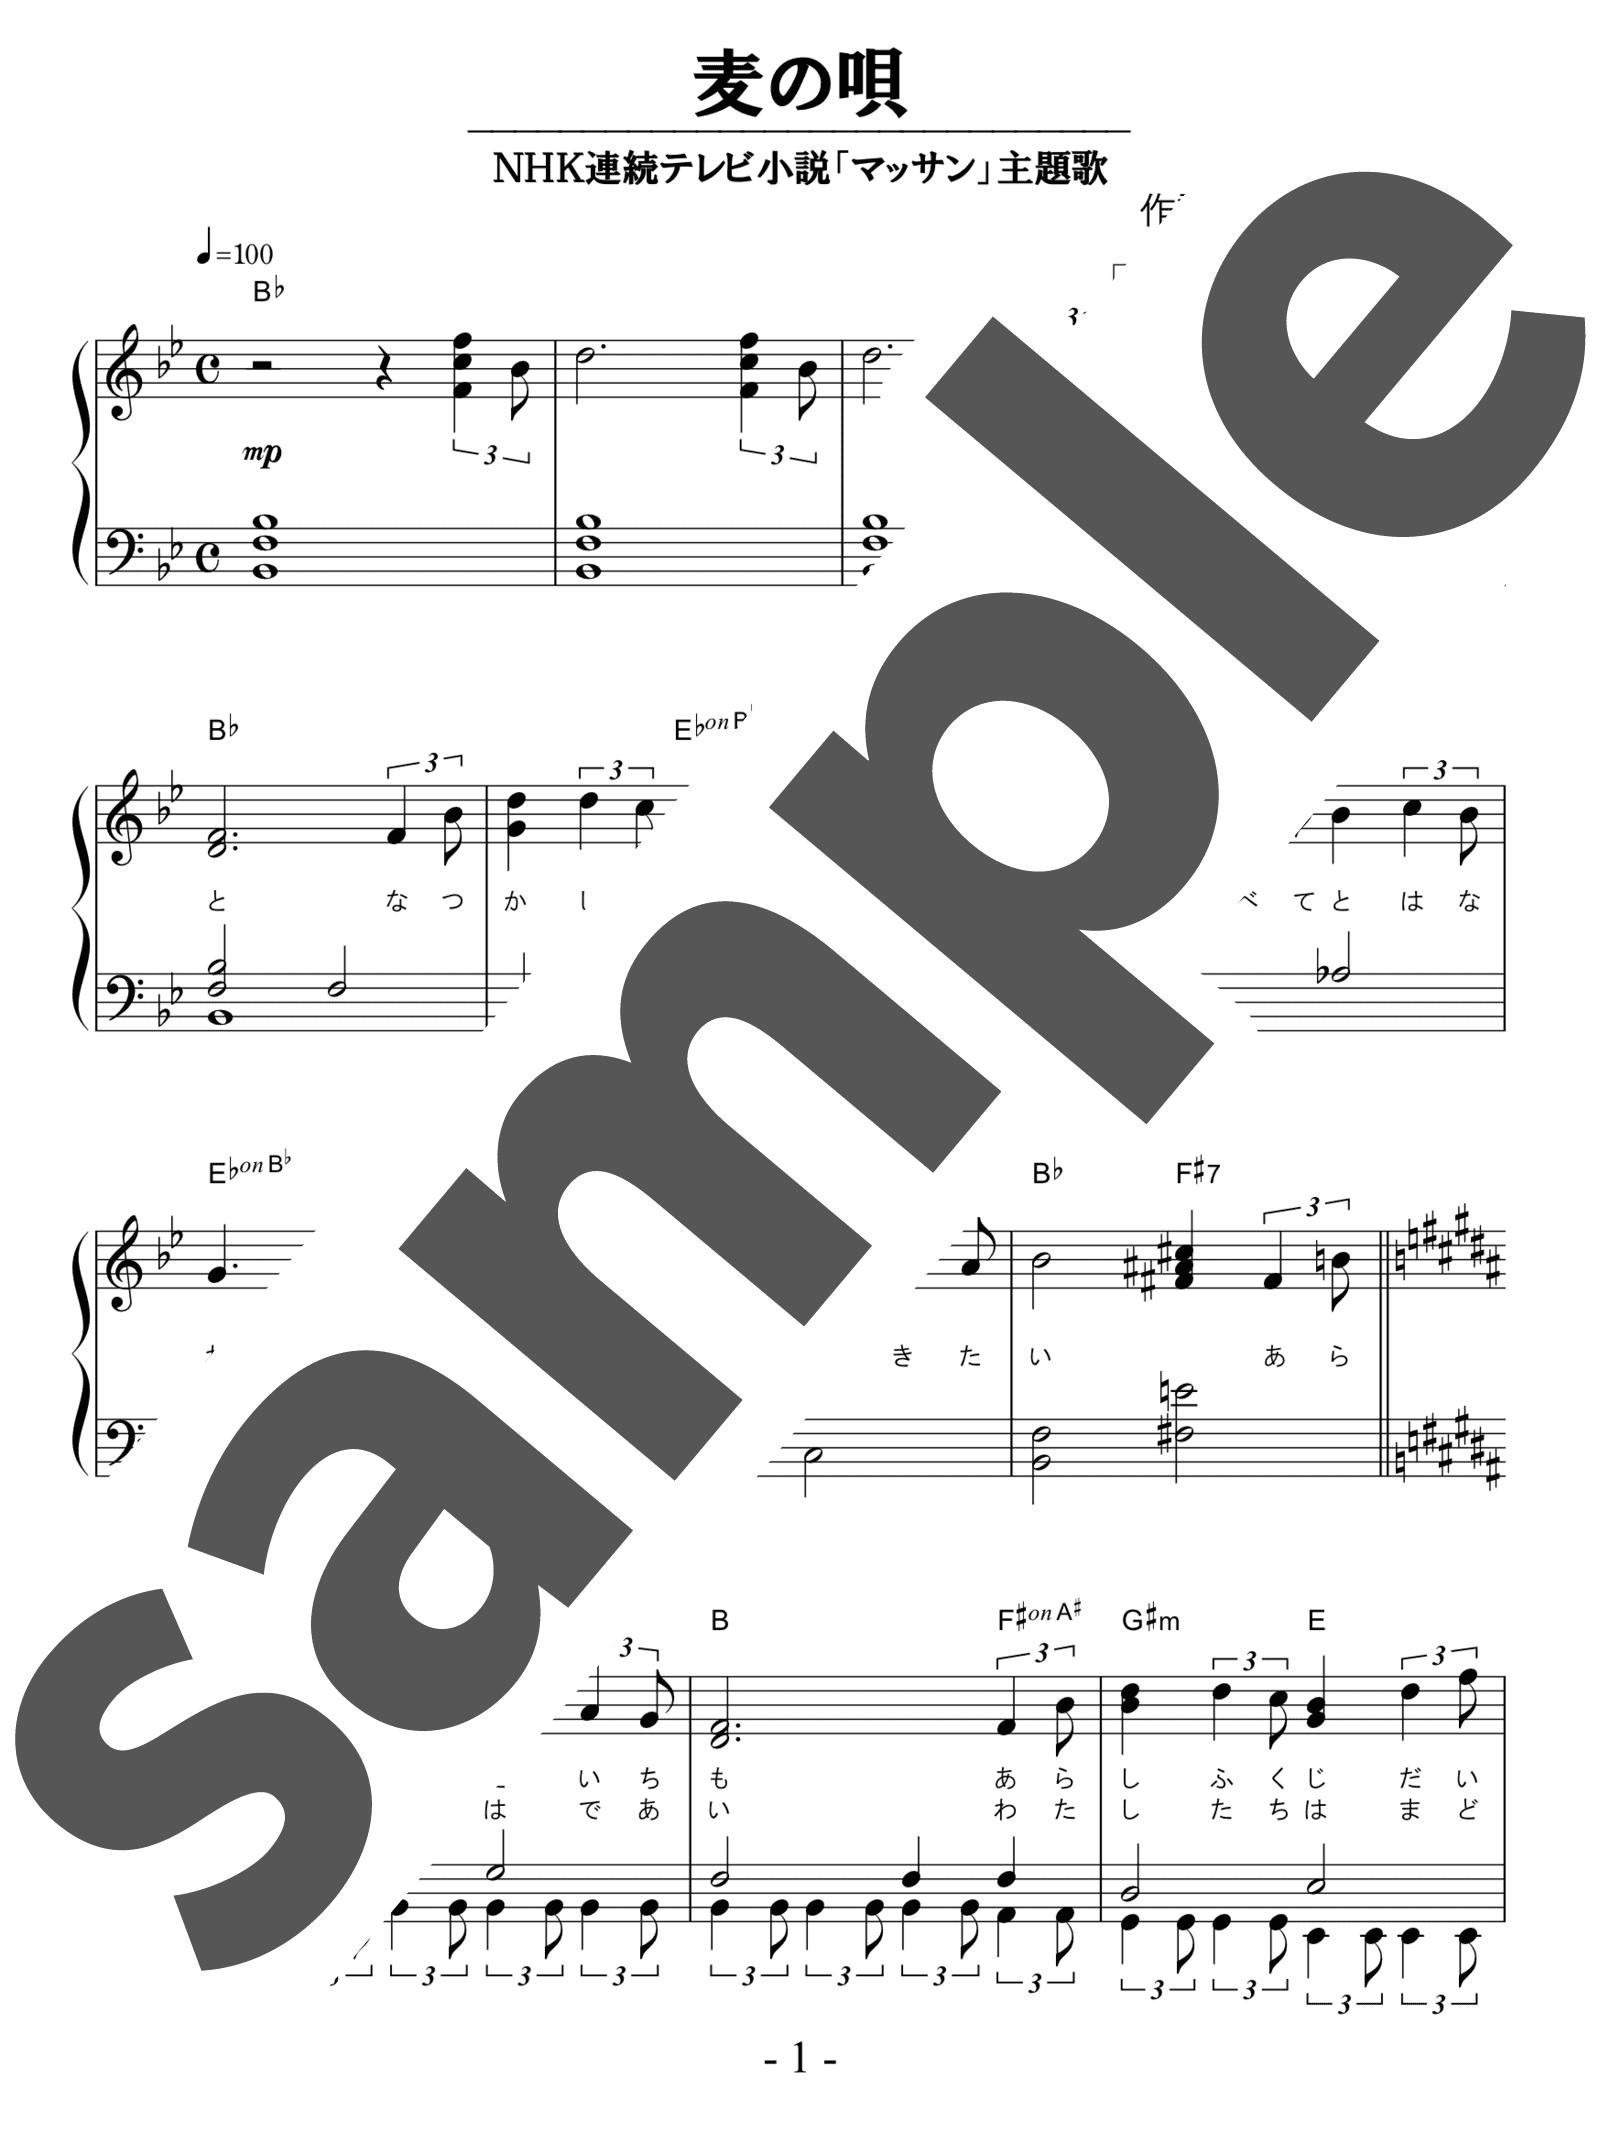 「麦の唄」のサンプル楽譜